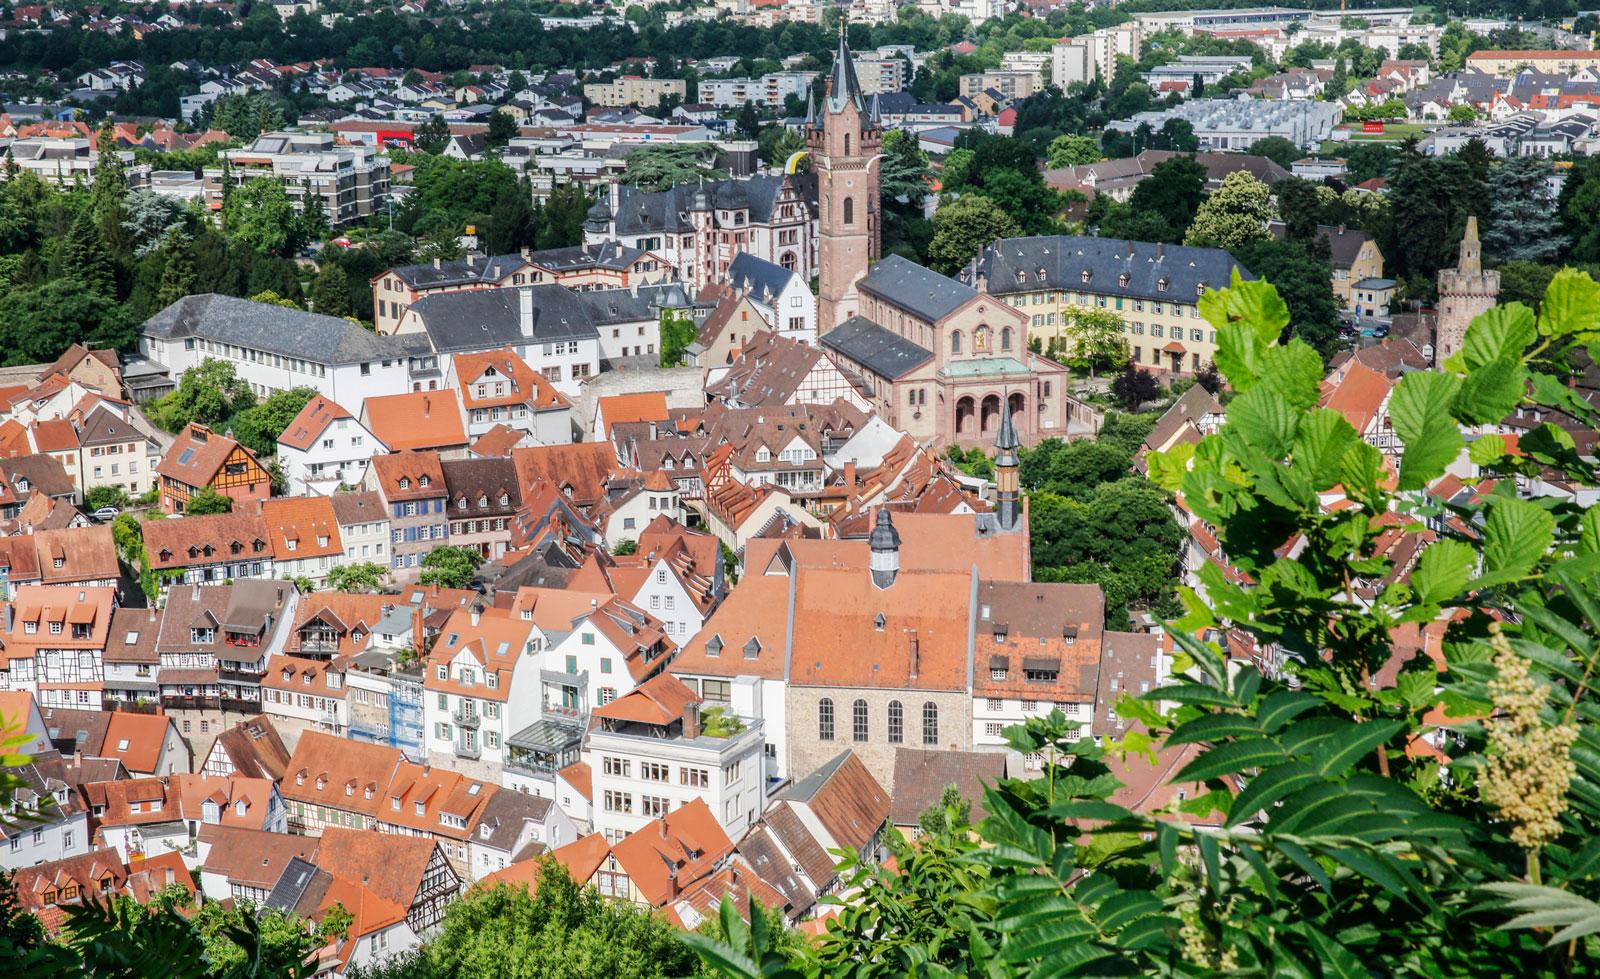 Från slottet Windeck är utsikten över Weinheim magisk.